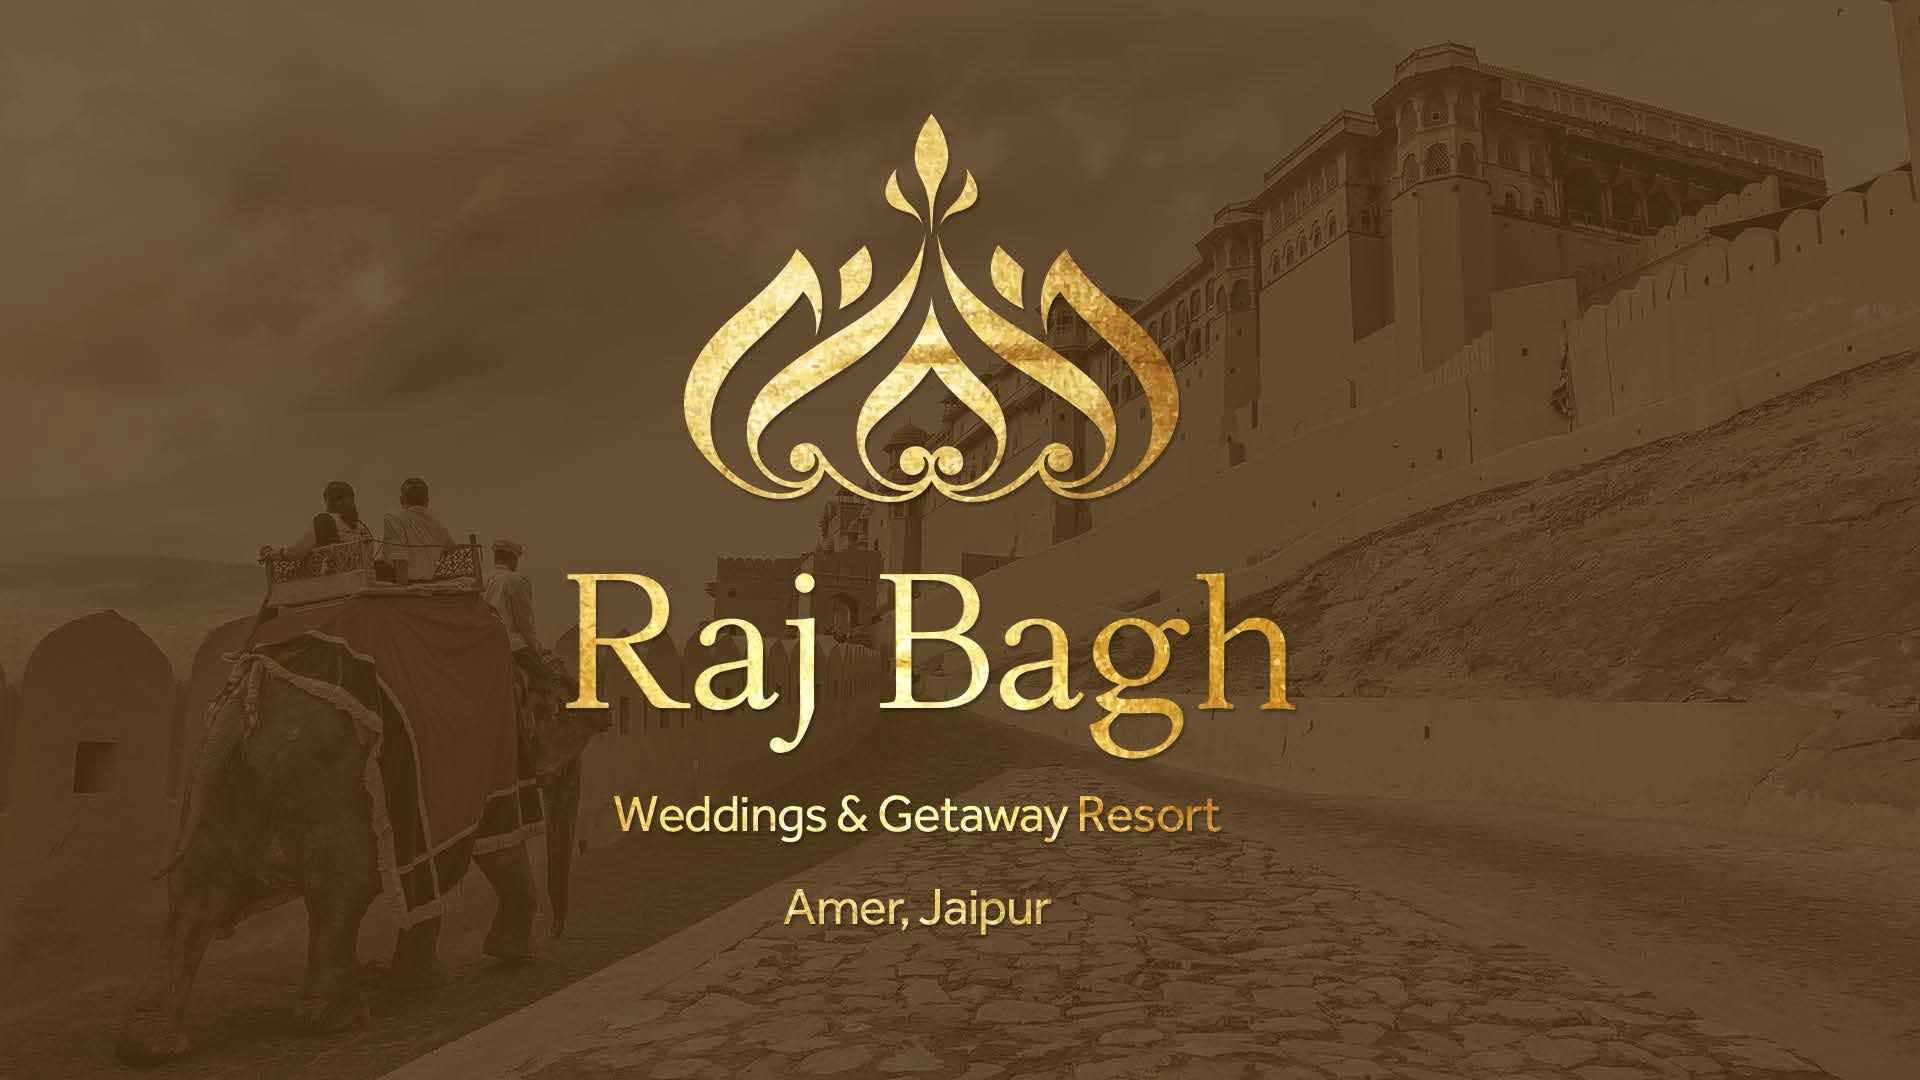 Raj bagh logo